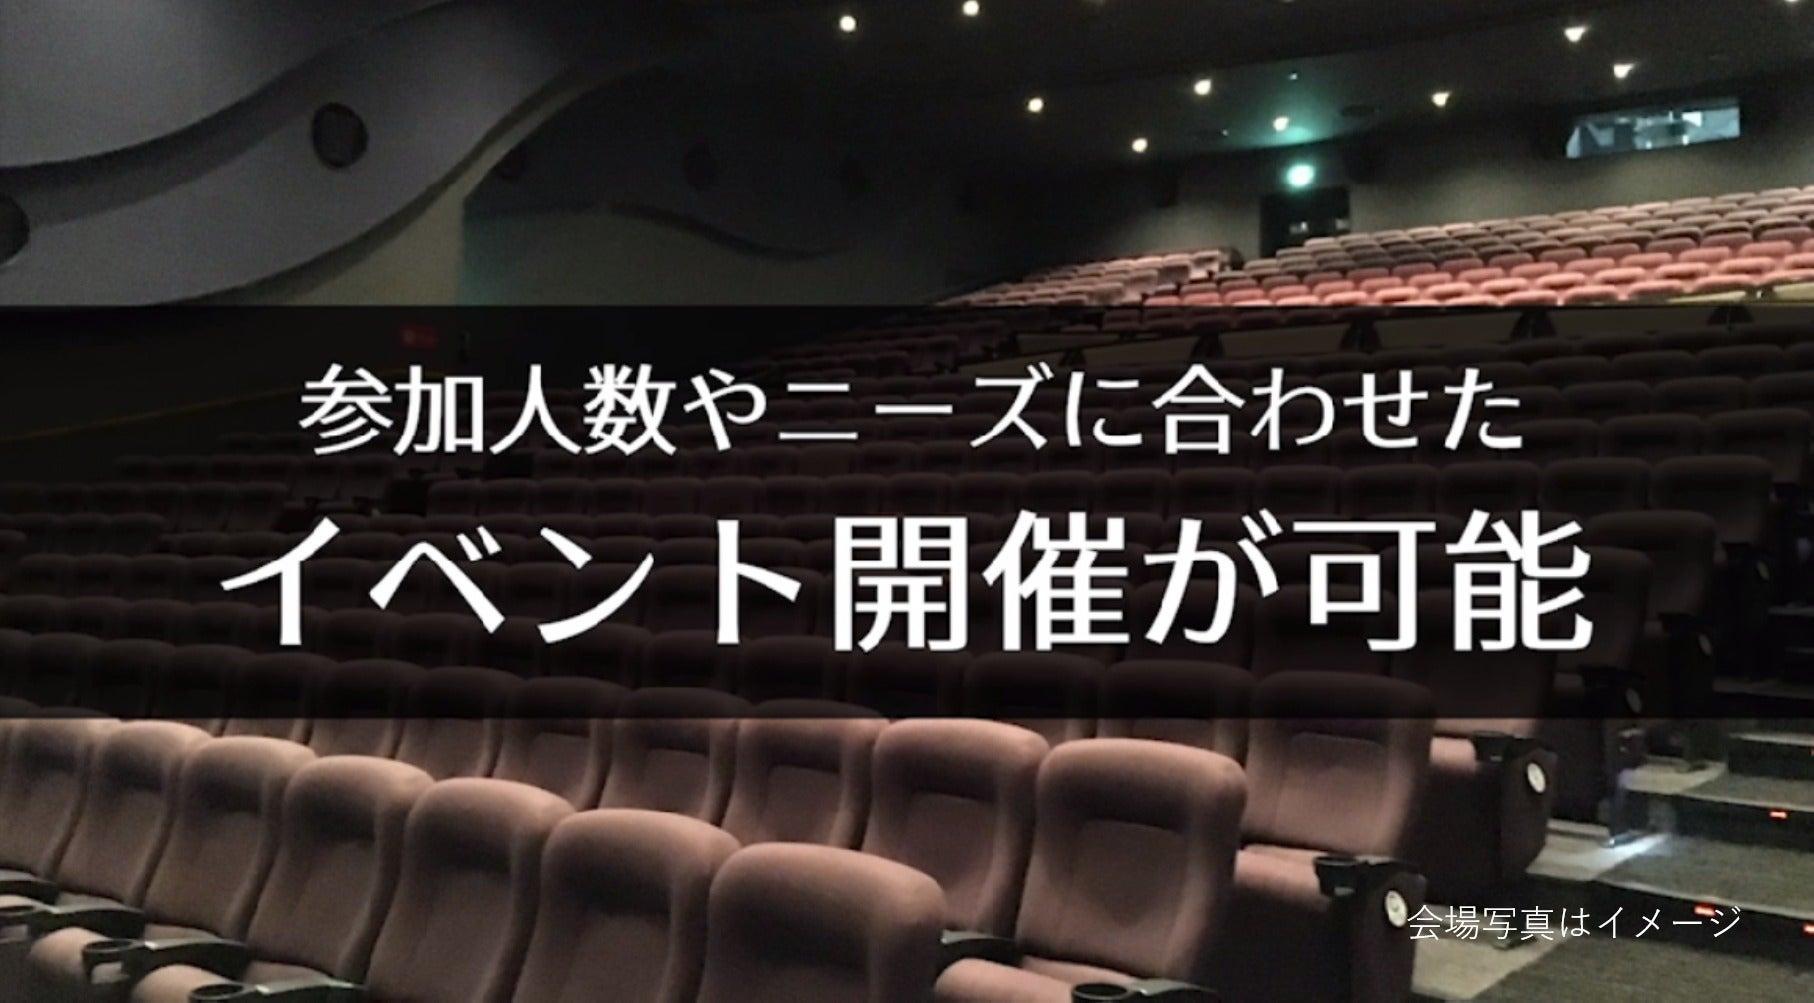 【わかば 290席】映画館で、会社説明会、株主総会、講演会の企画はいかがですか?(ユナイテッド・シネマわかば) の写真0